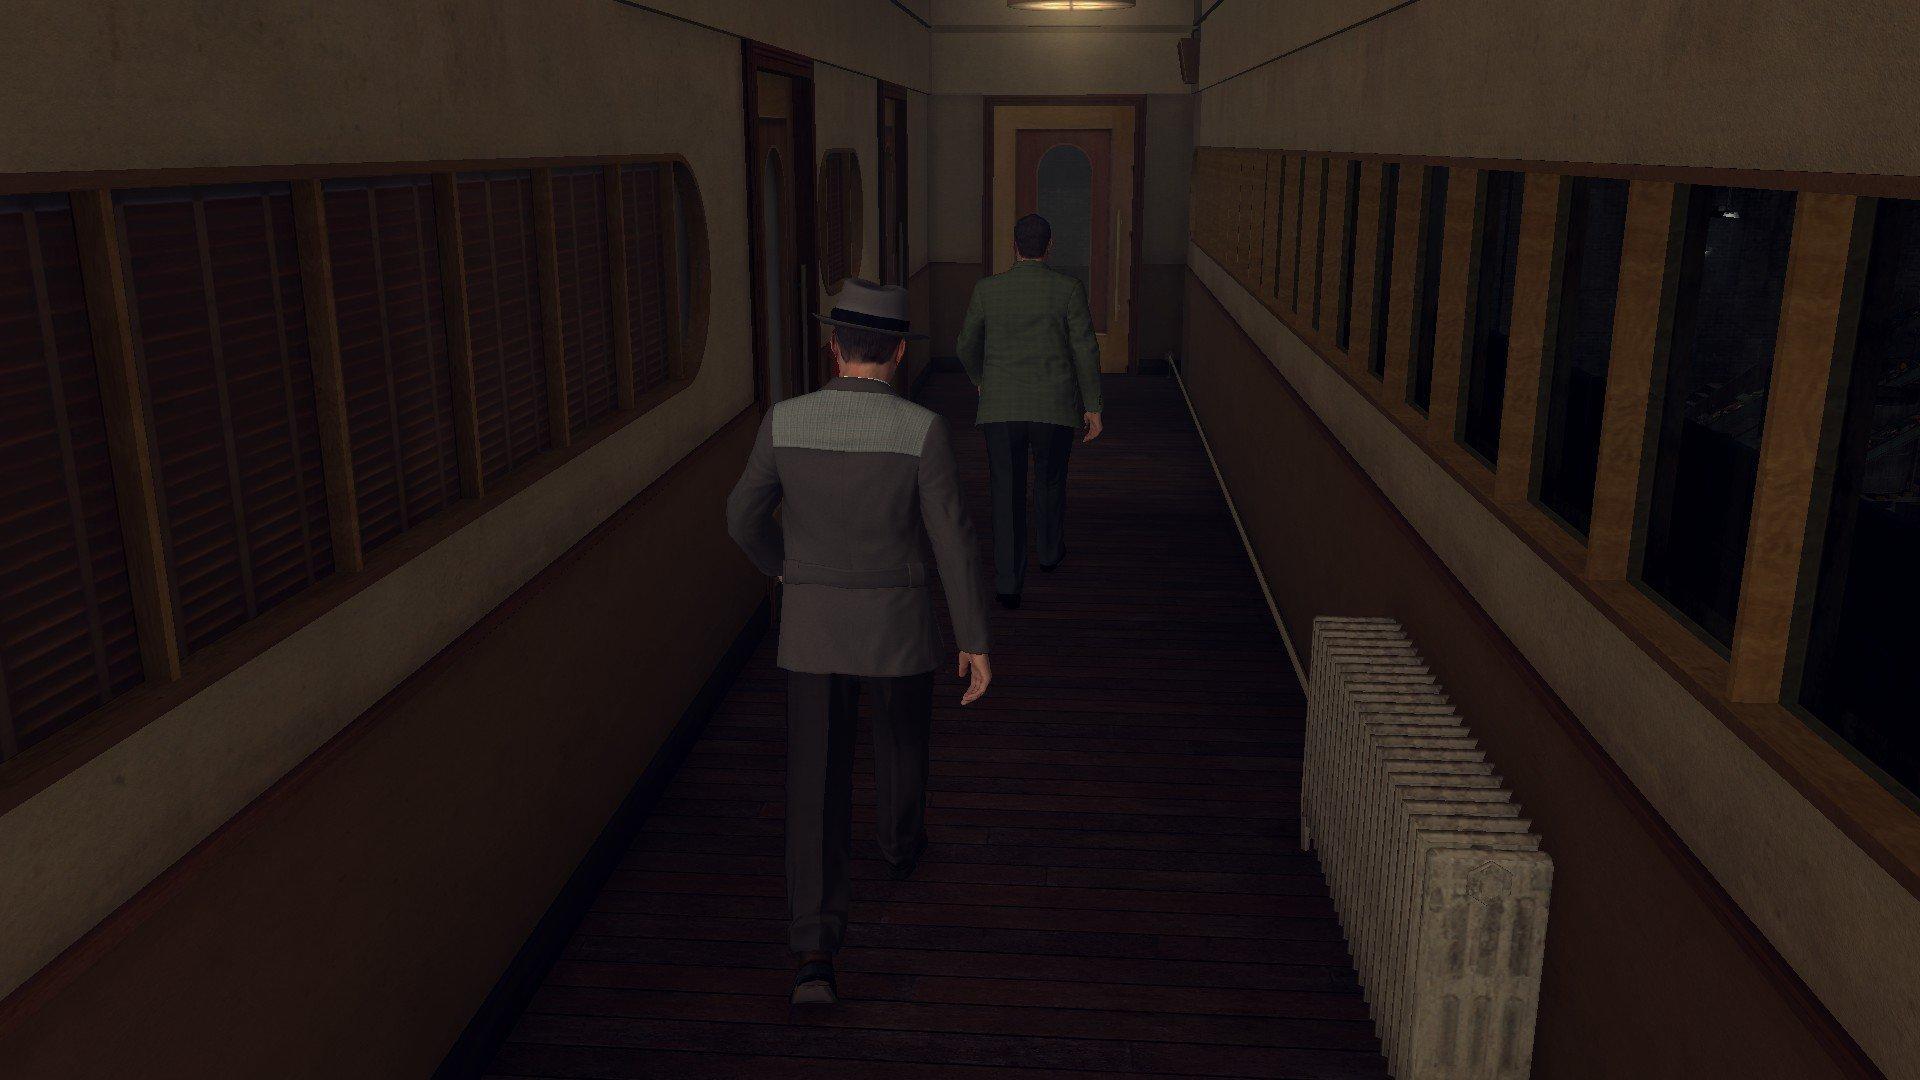 Пост-прохождение L.A. Noire Часть 15 - Изображение 33